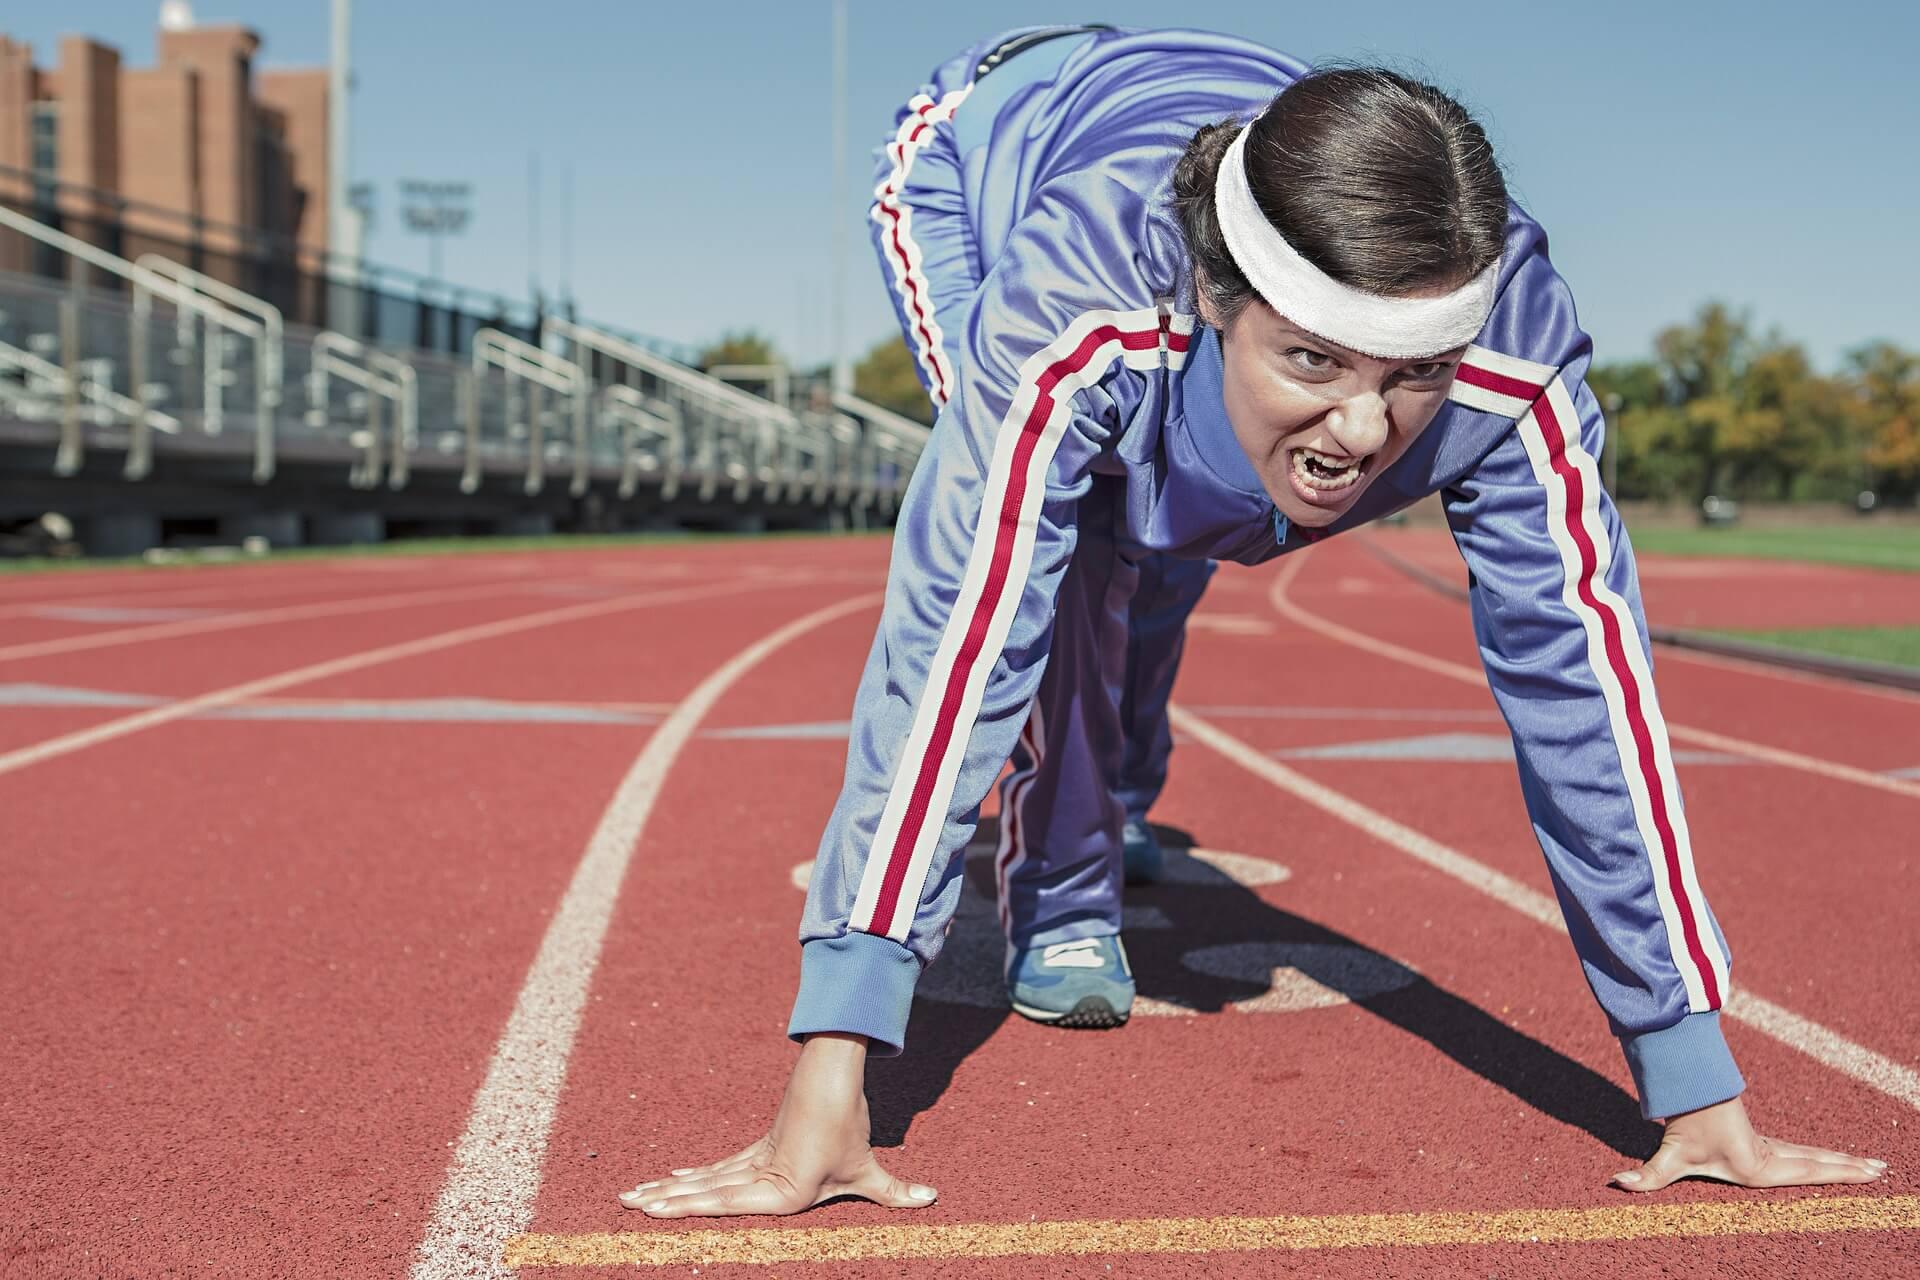 Tornare in forma: suggerimenti per principianti